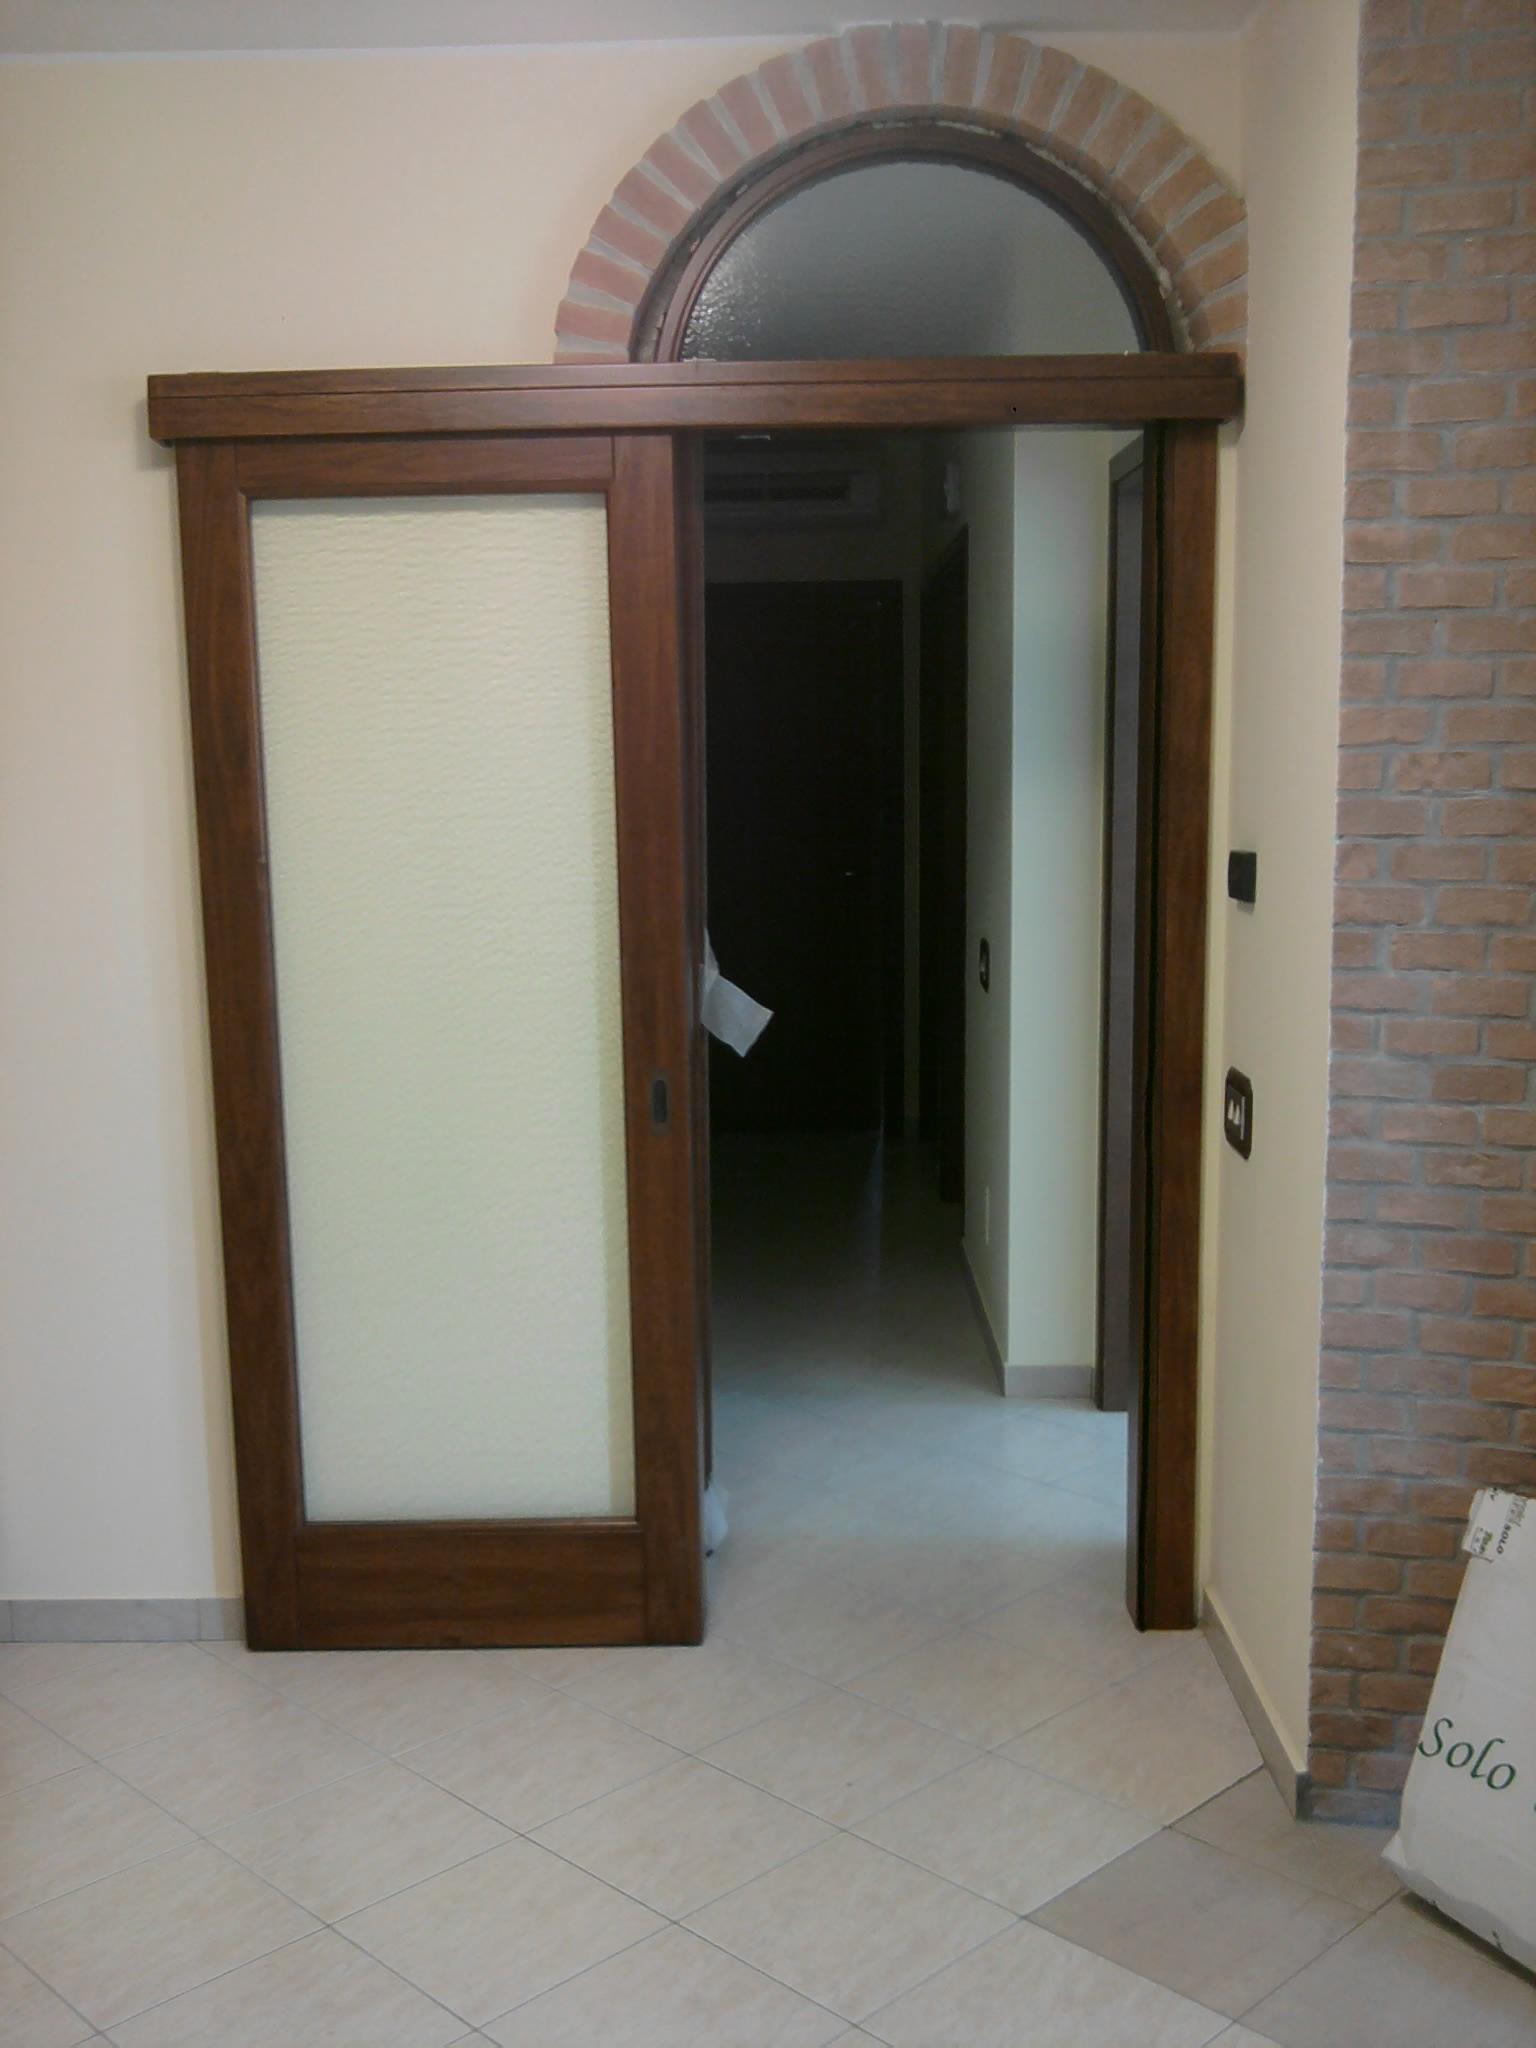 Scorrevole in massello esterno muro con sopraluce ad arco base 2 serramenti - Porte interne ad arco ...